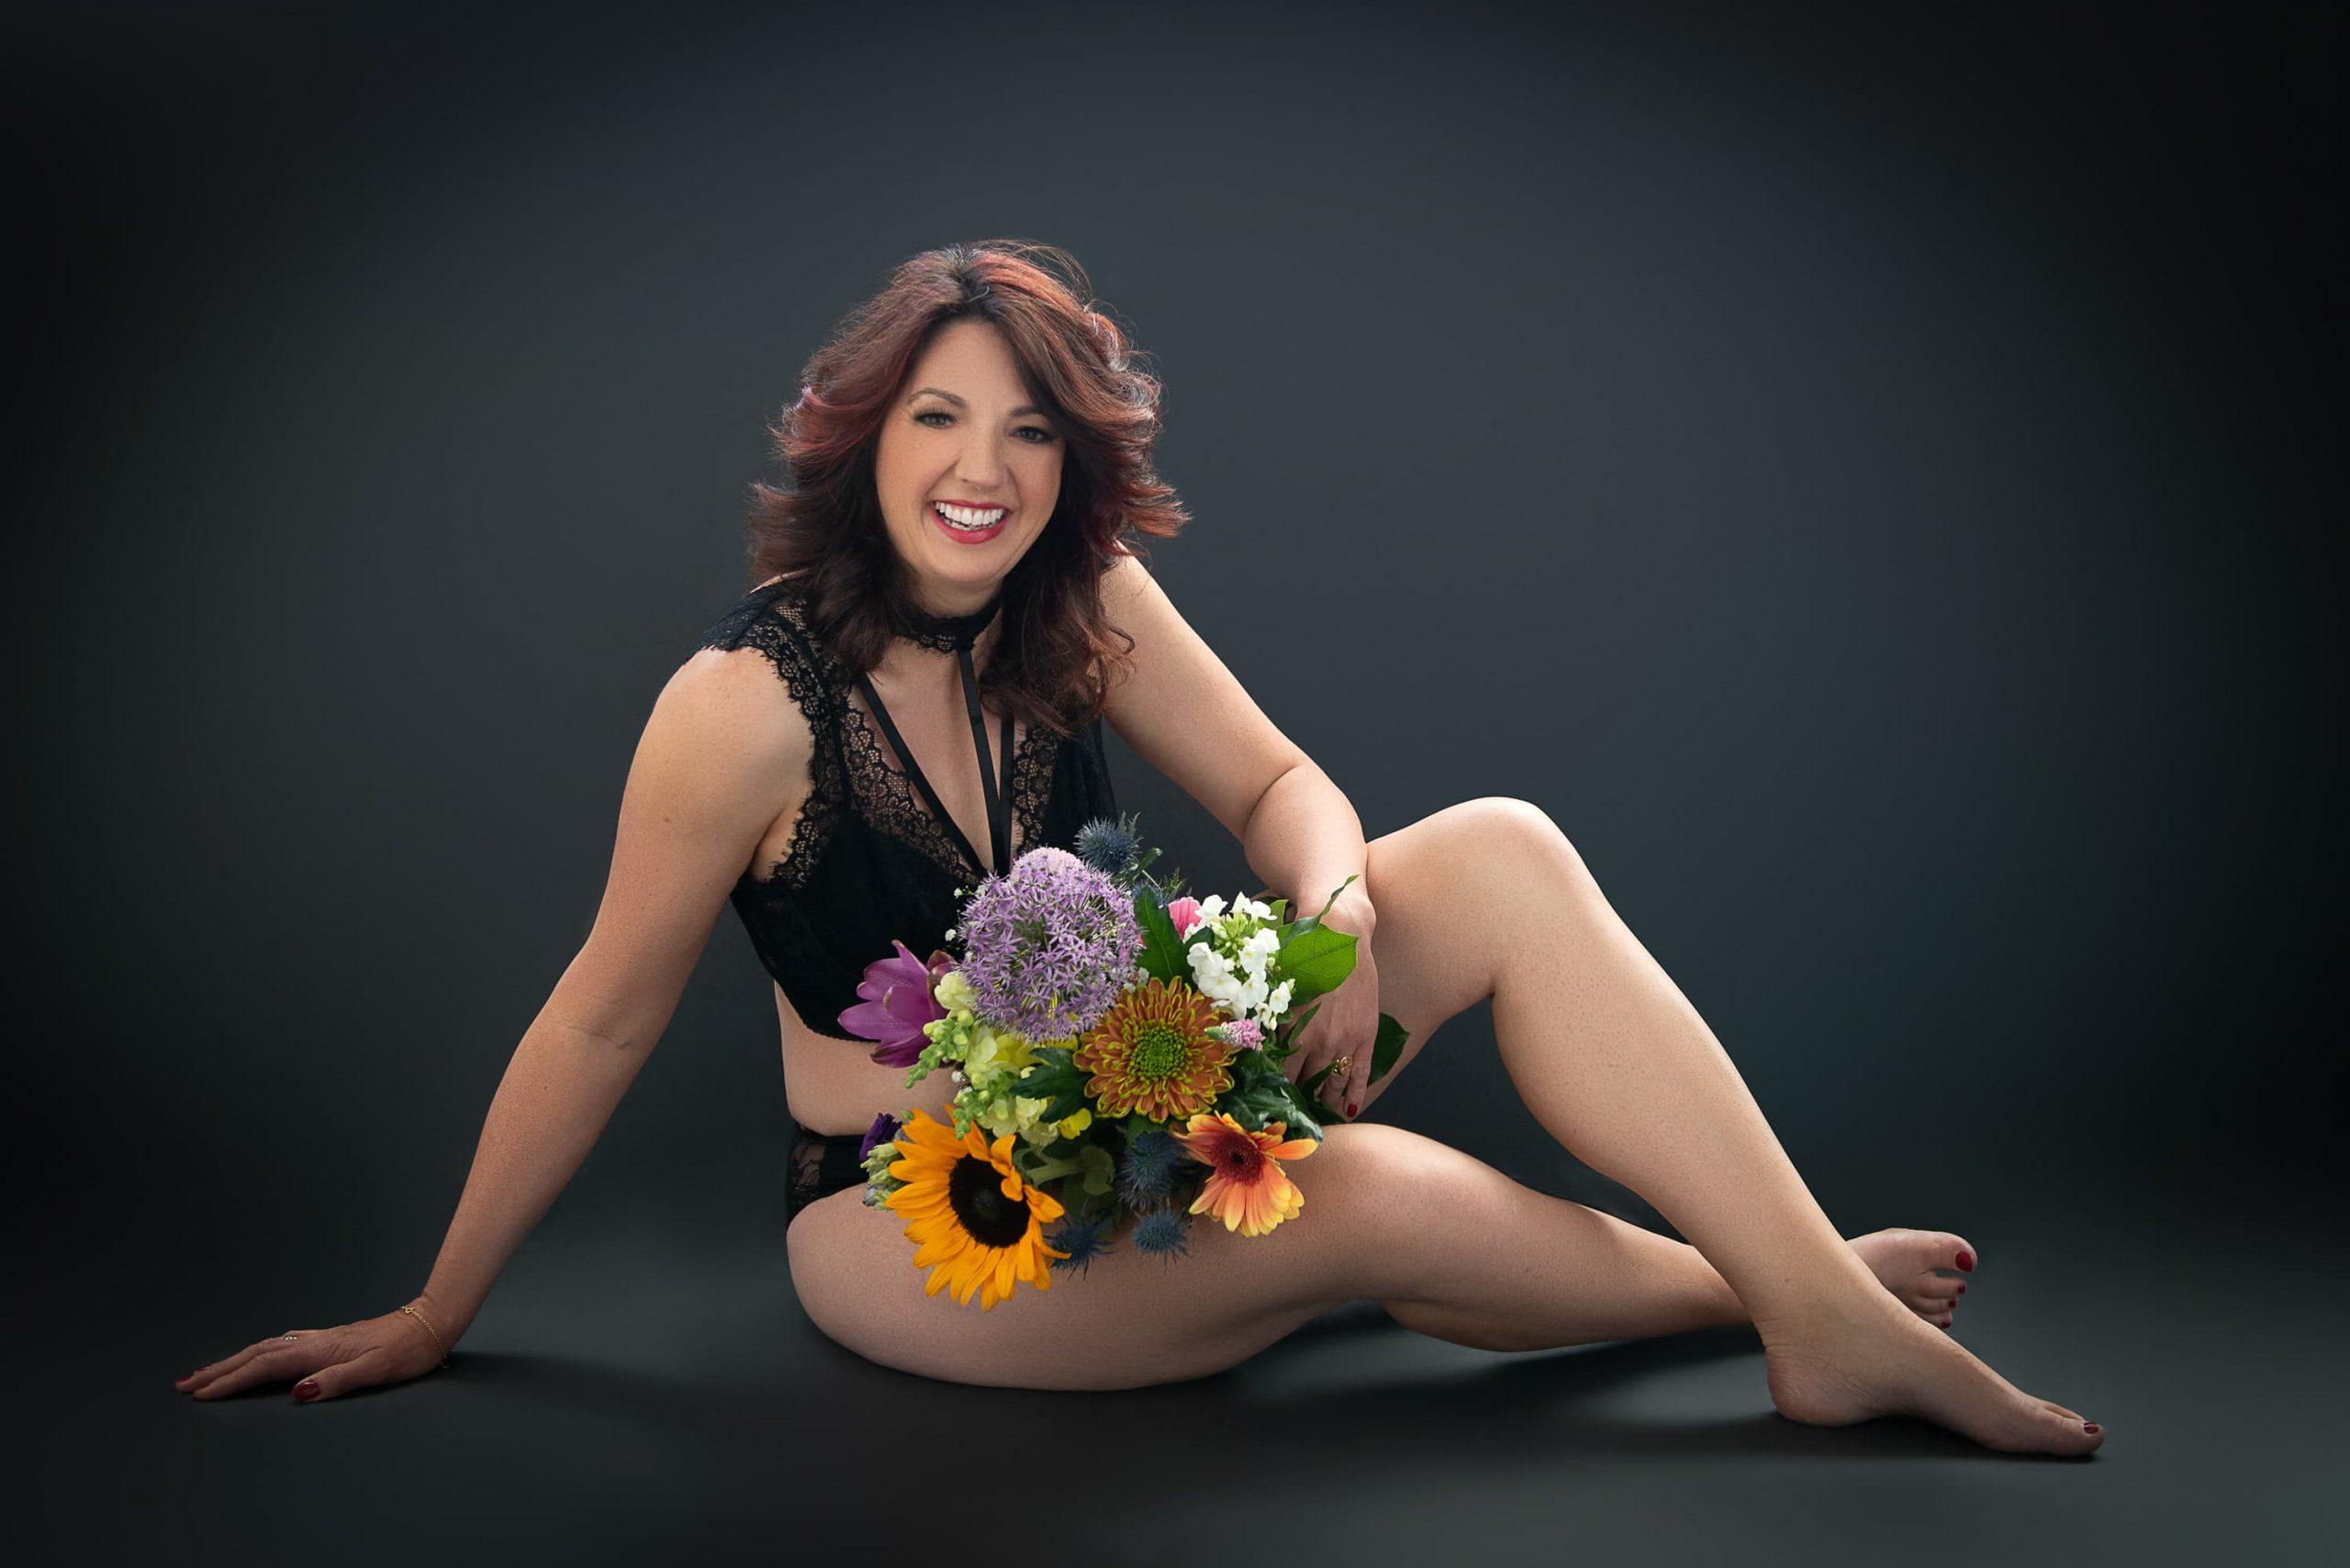 vrouw in zwarte lingerie met bloemen